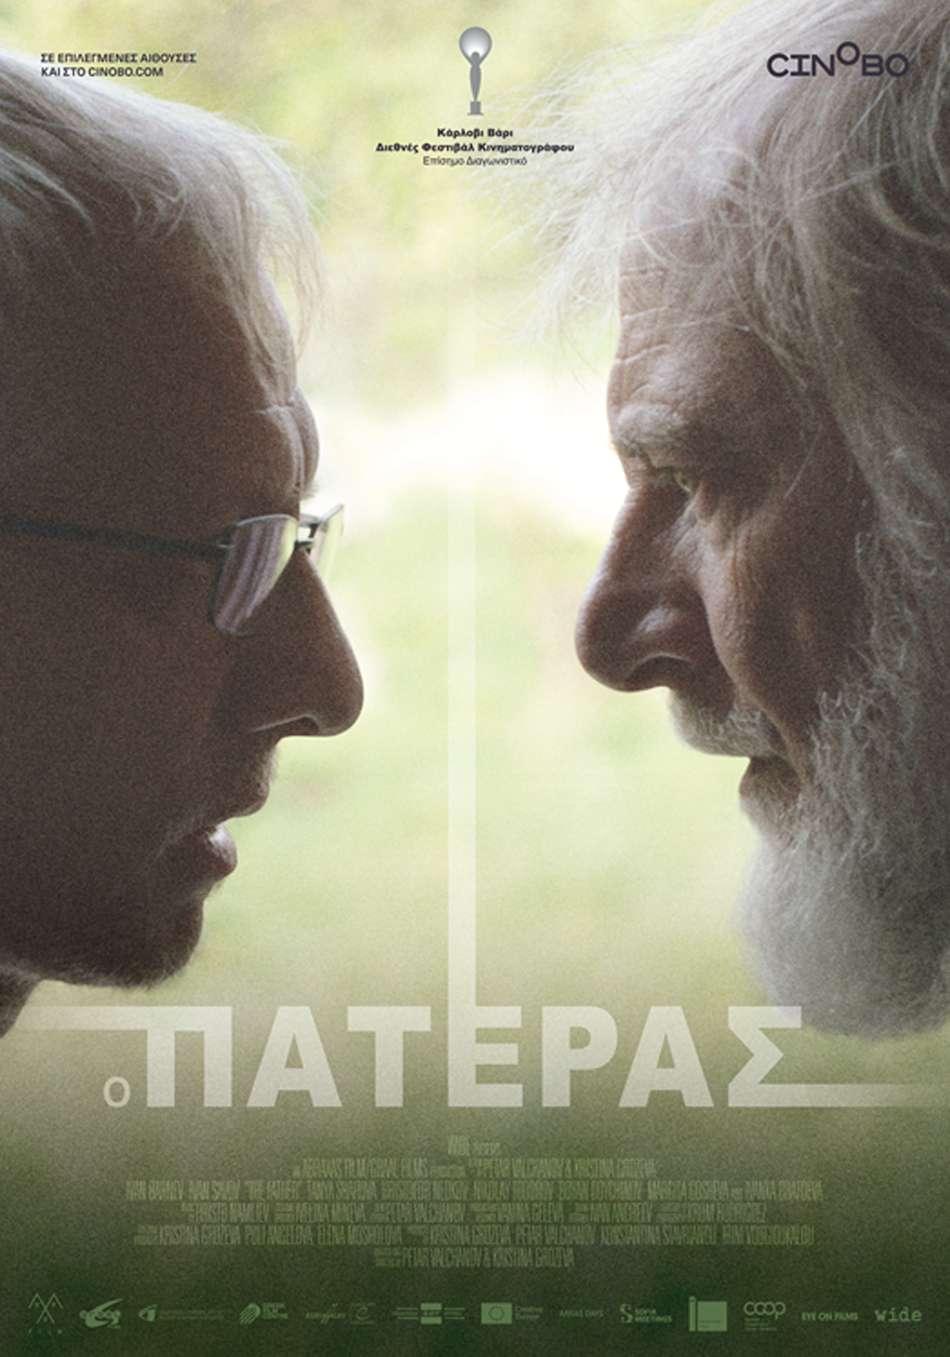 Ο Πατέρας (Bashtata / The Father) Poster Πόστερ